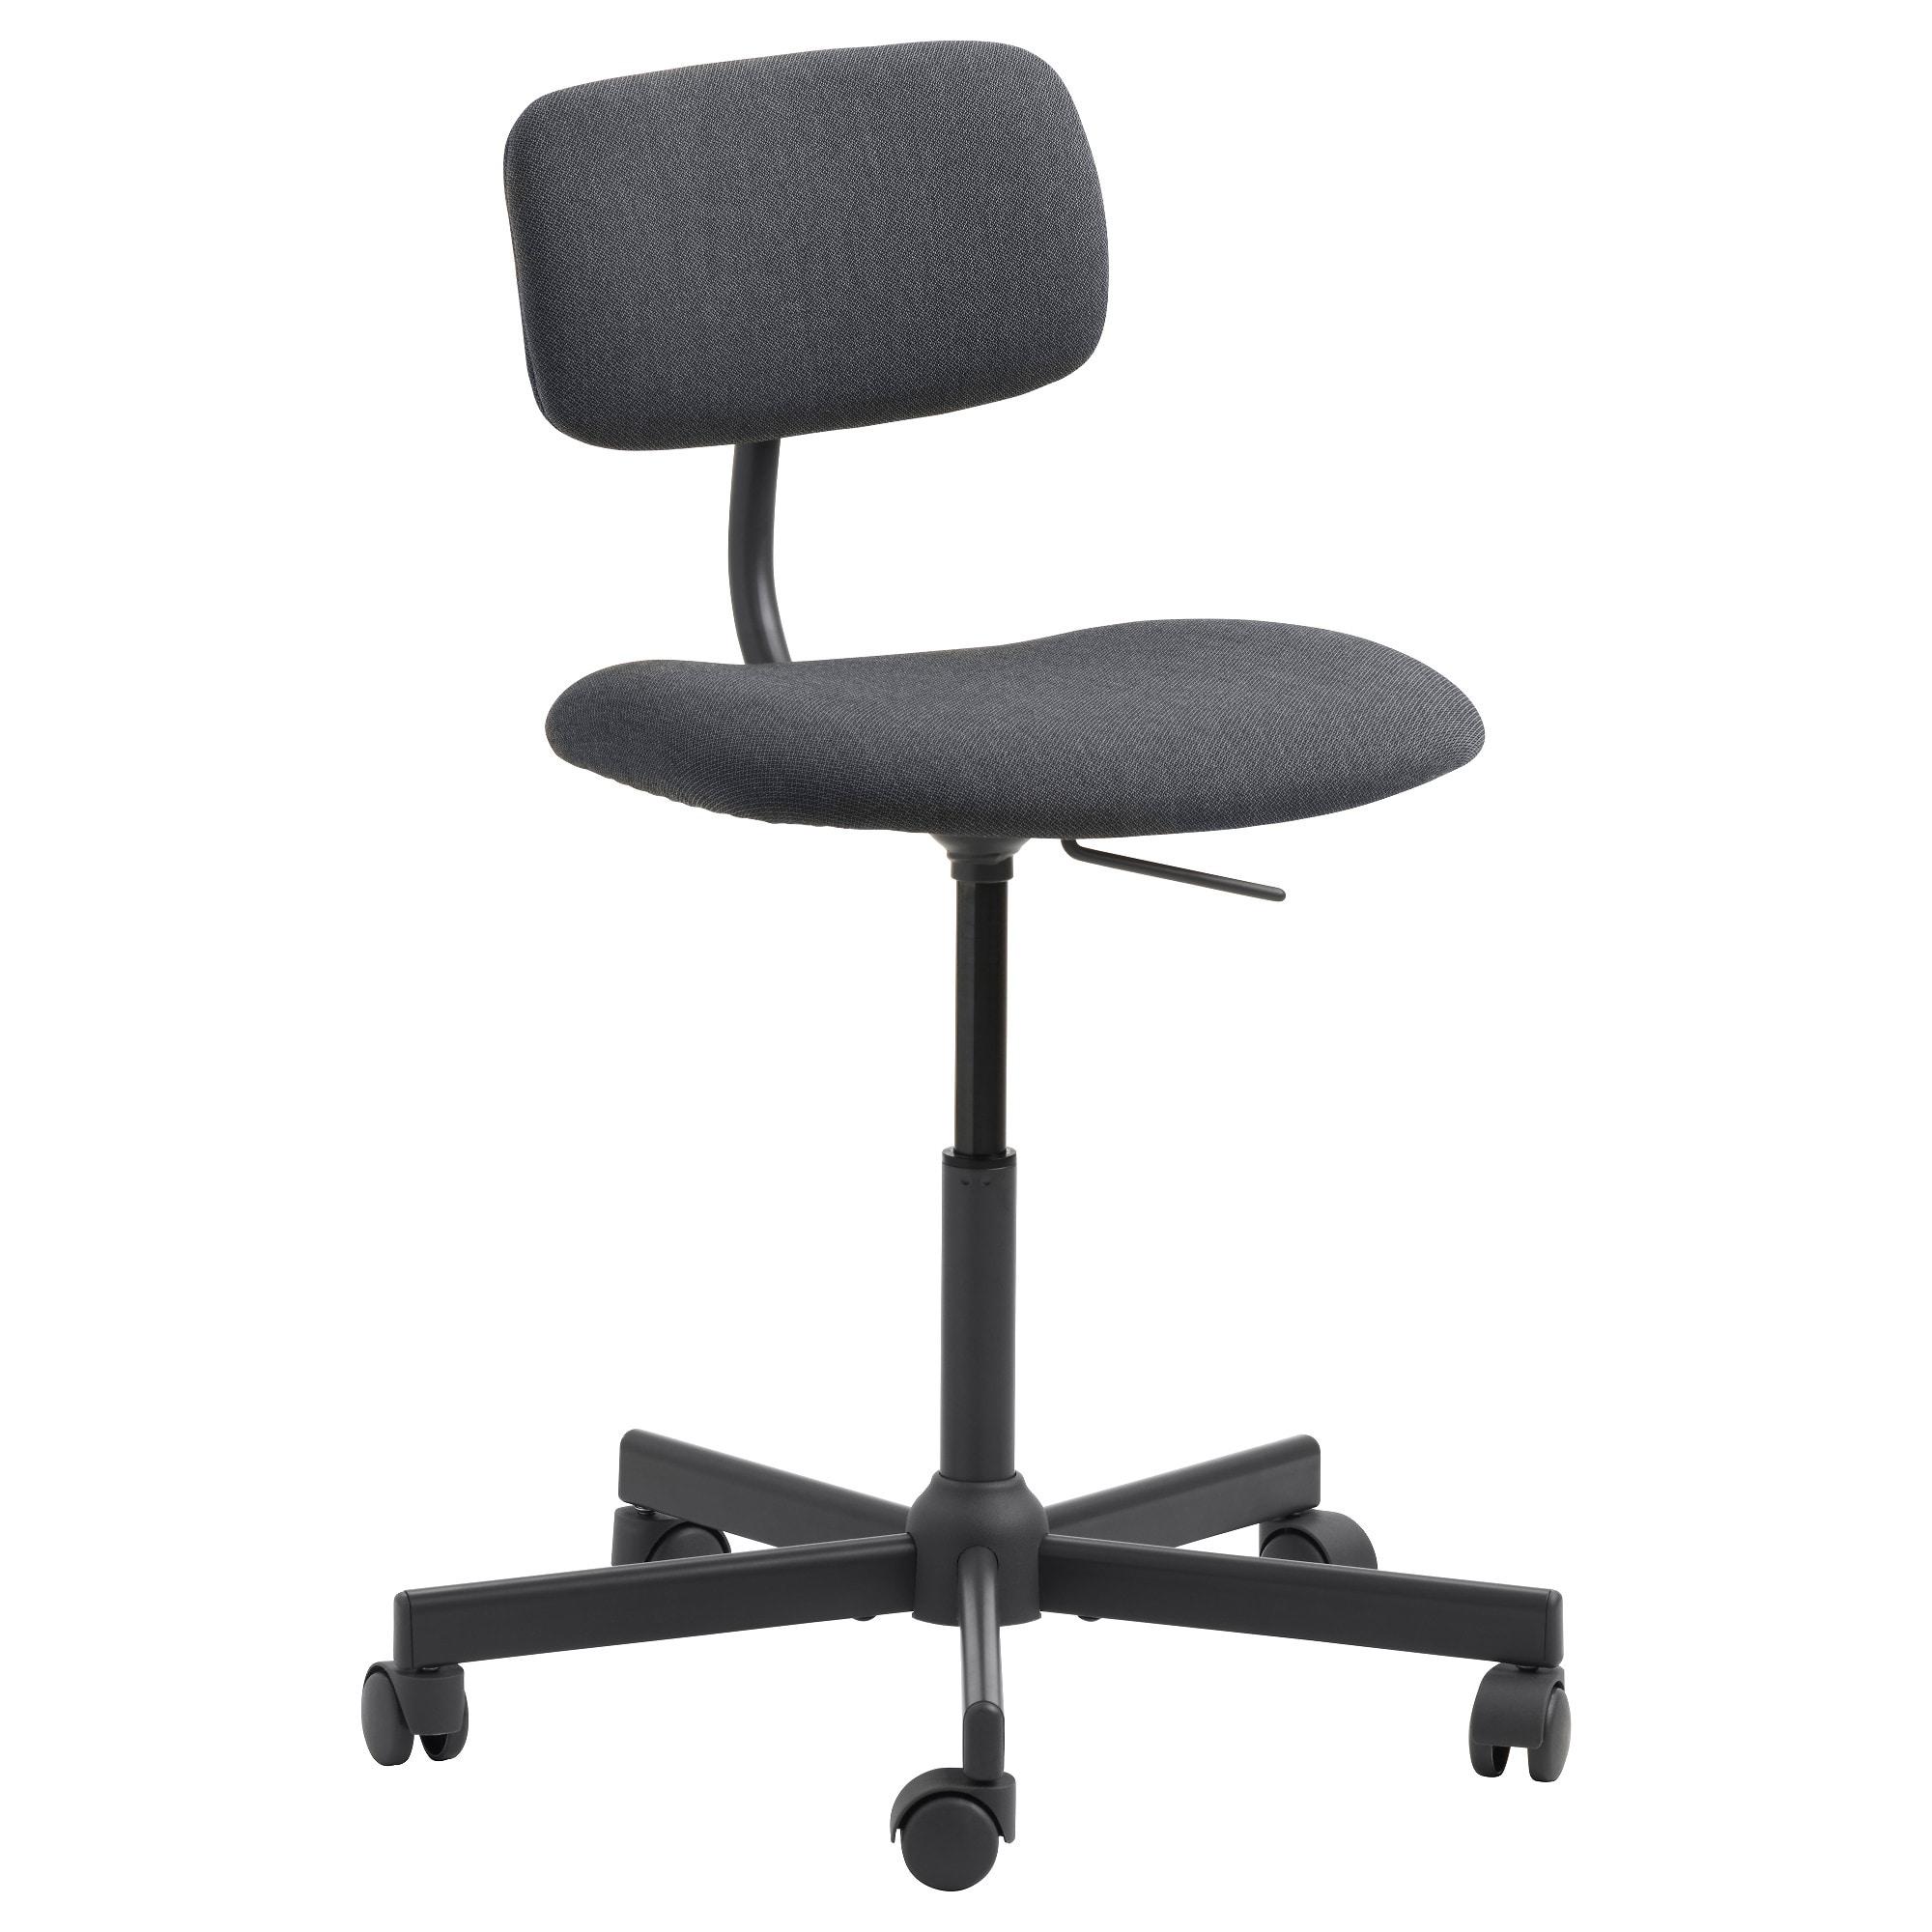 Sillas De Despacho Ikea Etdg Sillas De Oficina Y Sillas De Trabajo Pra Online Ikea